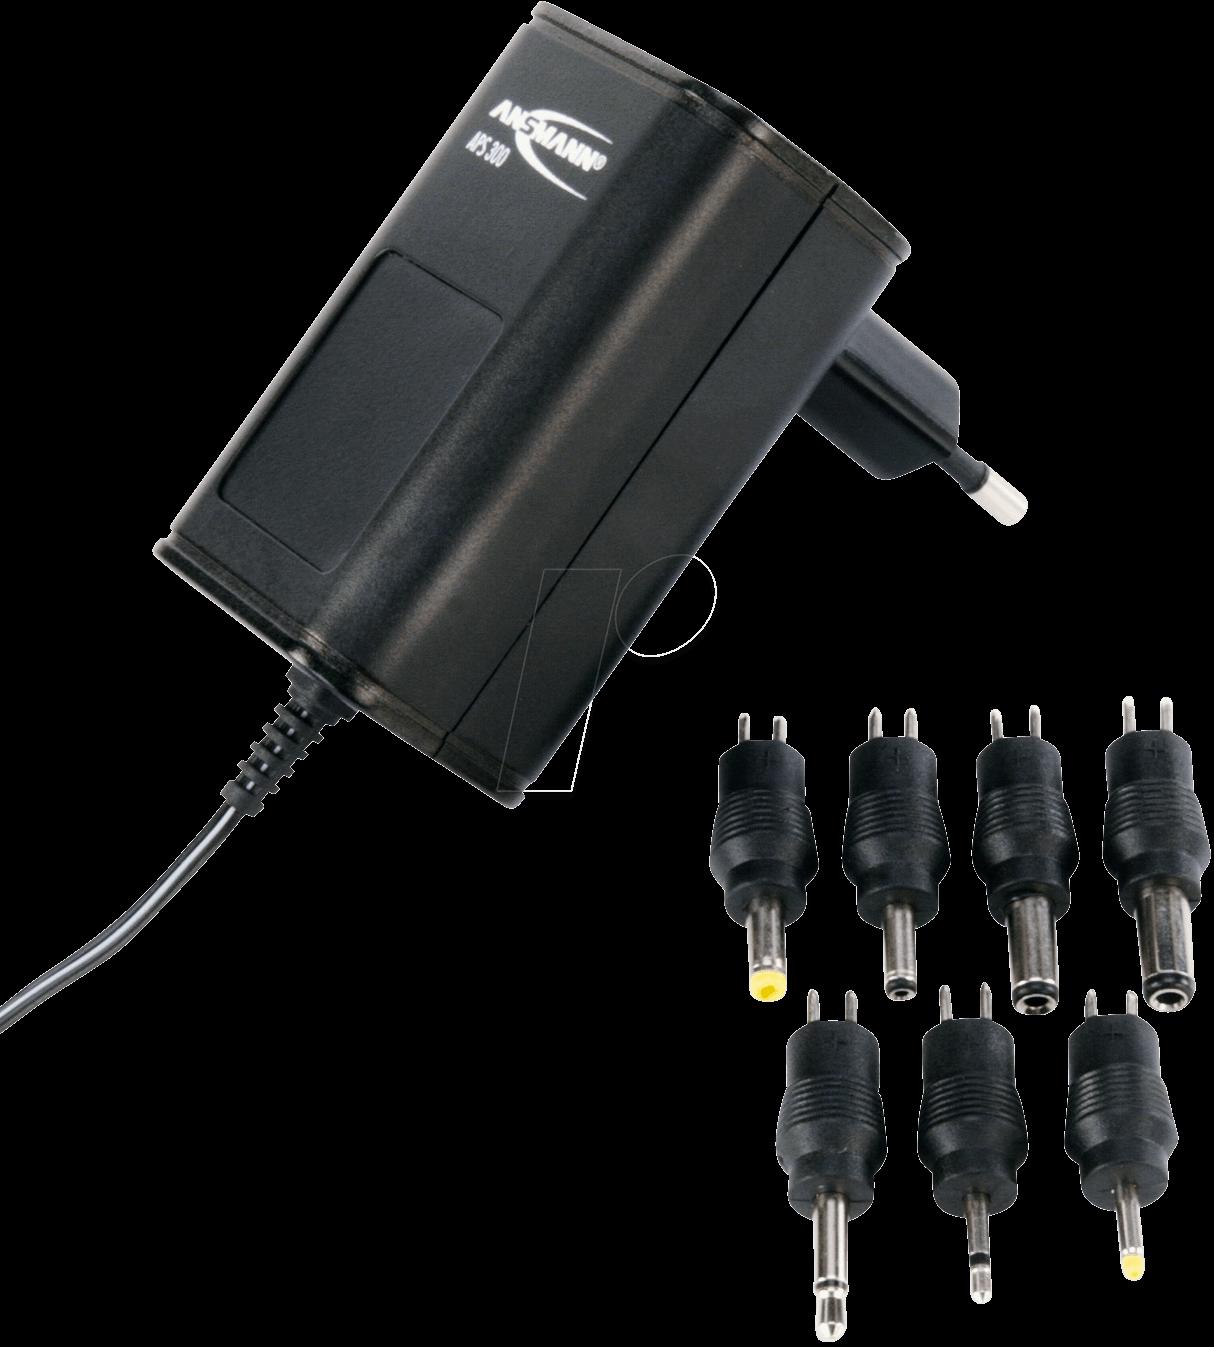 APS 600 - Stecker-Schaltnetzteil, max 600 mA, ''EuP'' konform